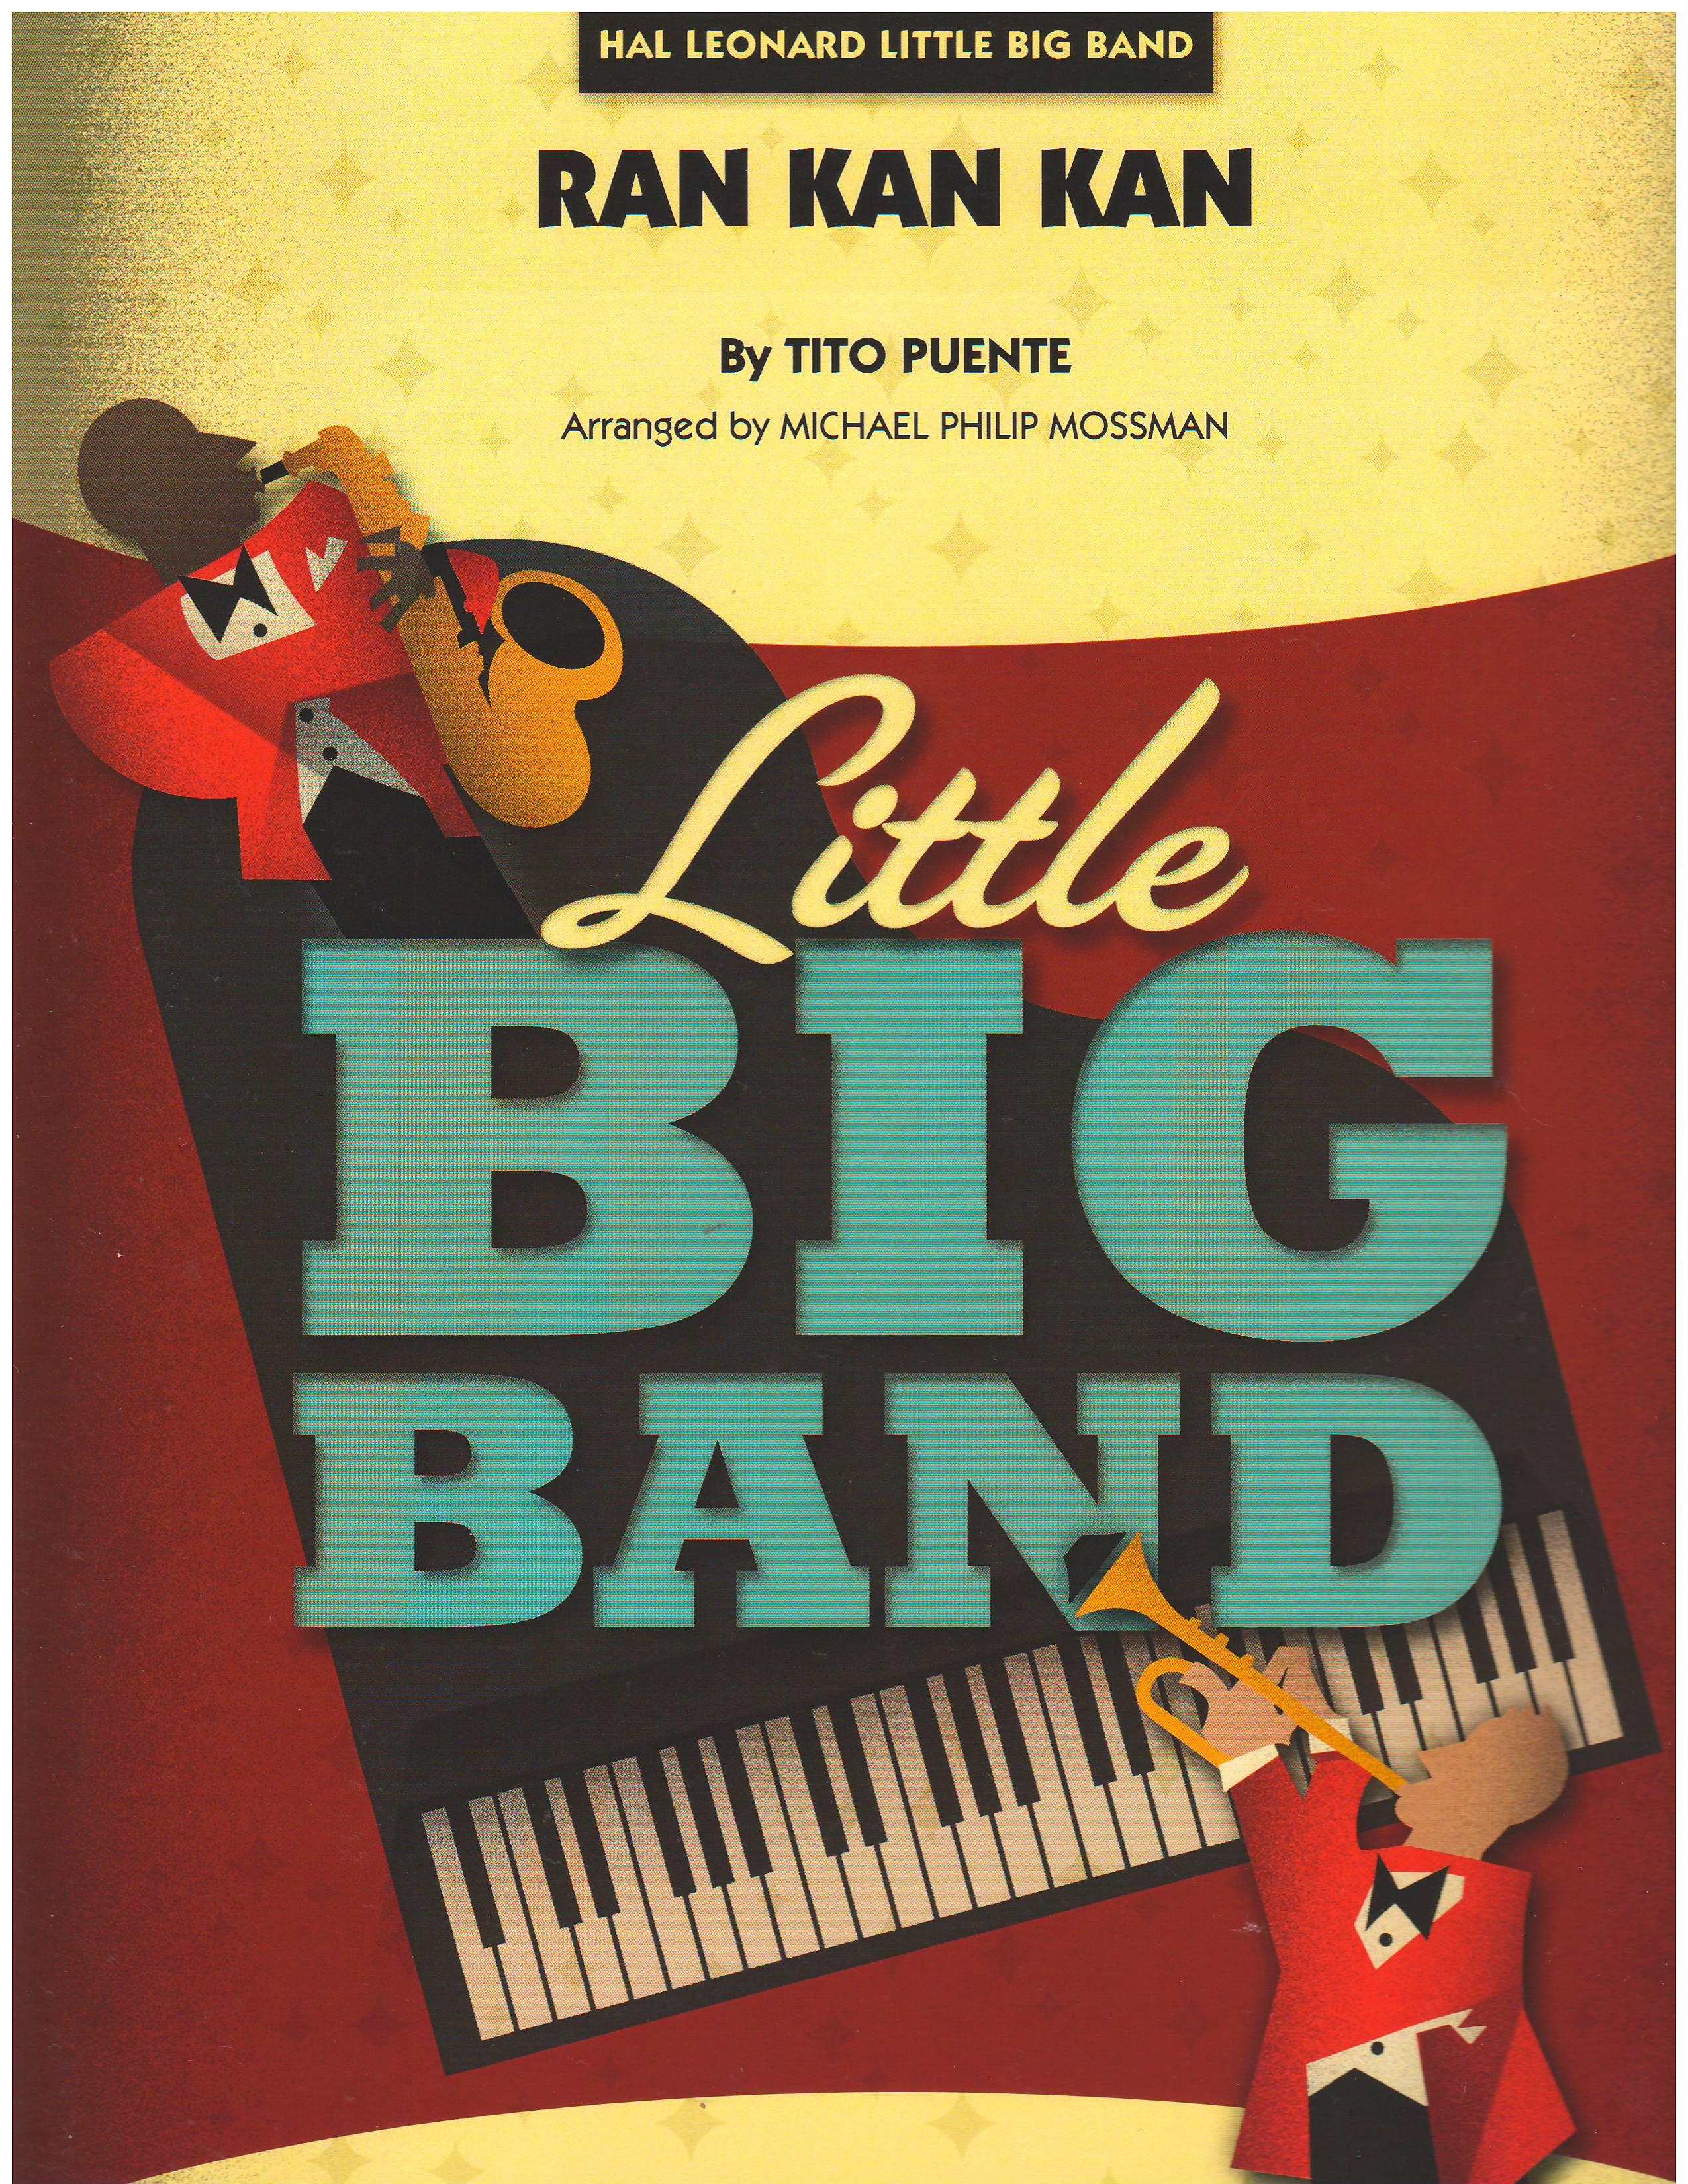 RAN KAN KAN (Little Big Band) - Jazz Combo / Small Ensembles, Little